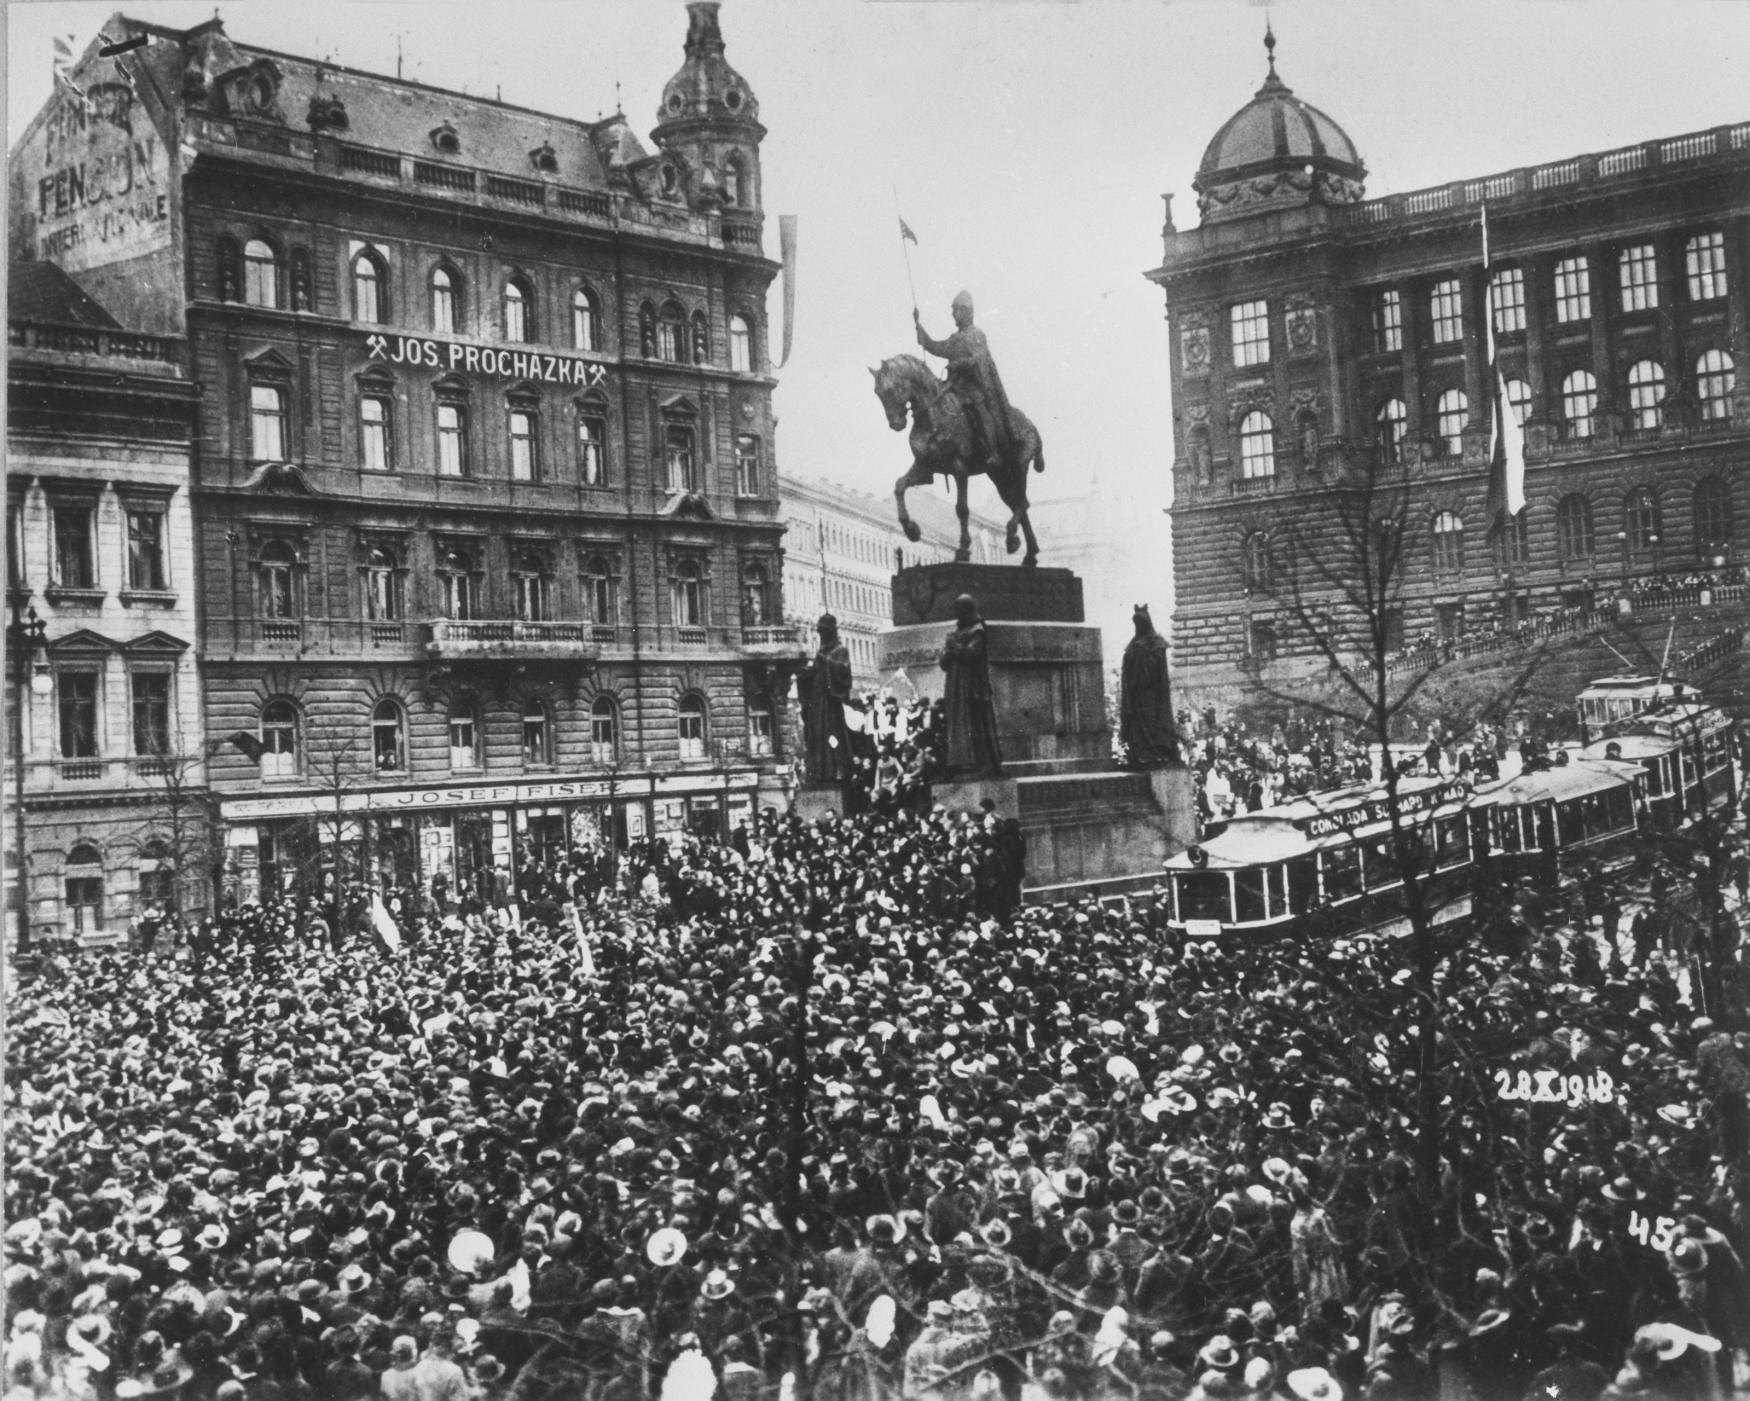 Ogłoszenie niepodległości Czechosłowacji na Placu Wacława w Pradze - 28 października 1918